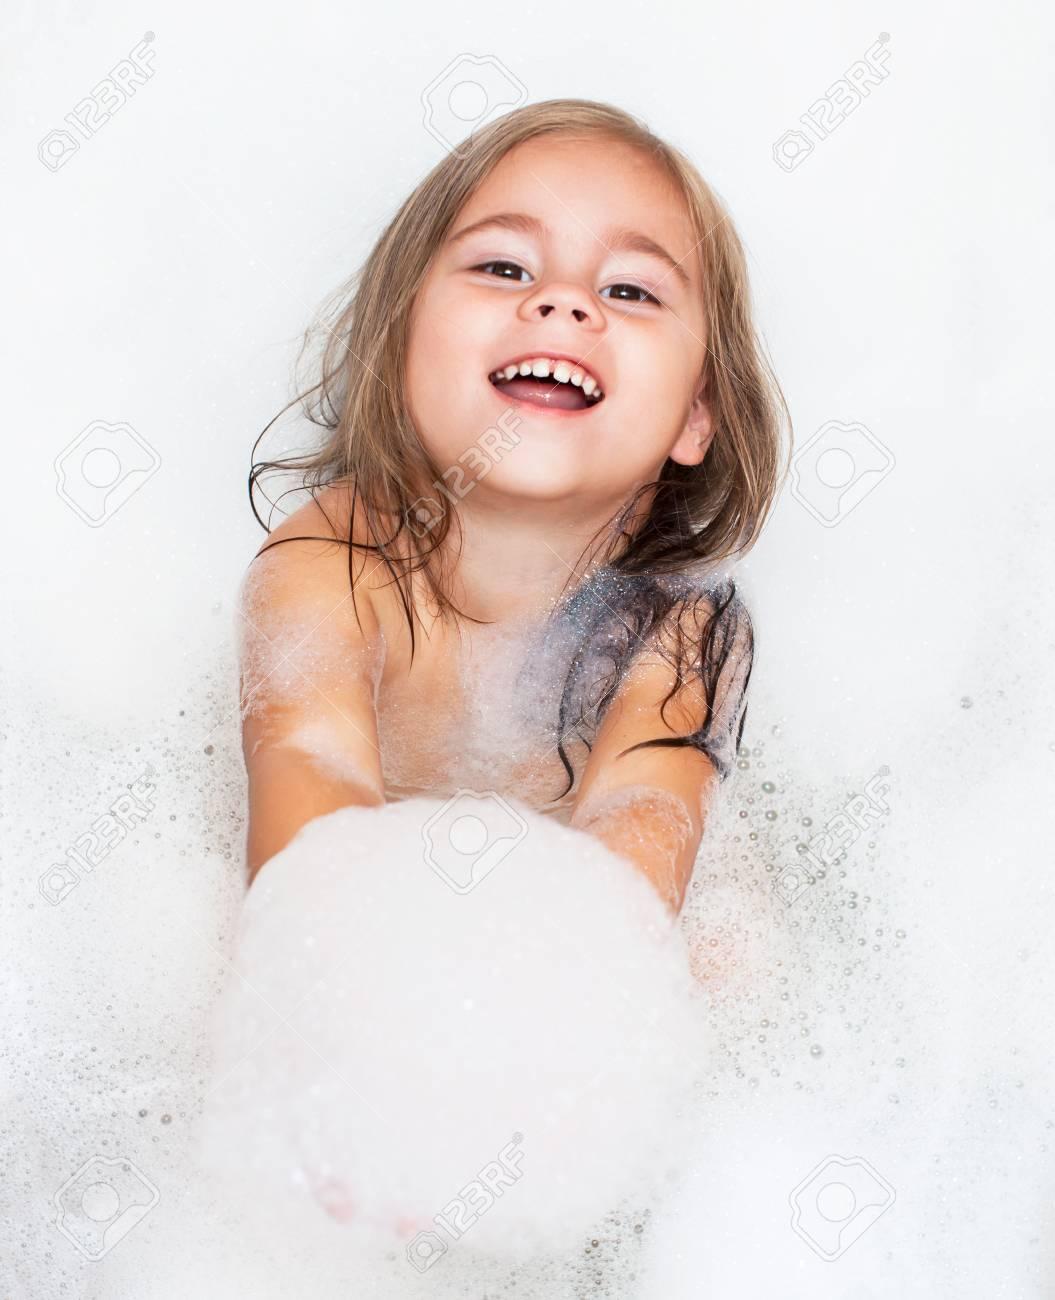 happy little girl is taking a bath with a foam - 87638923